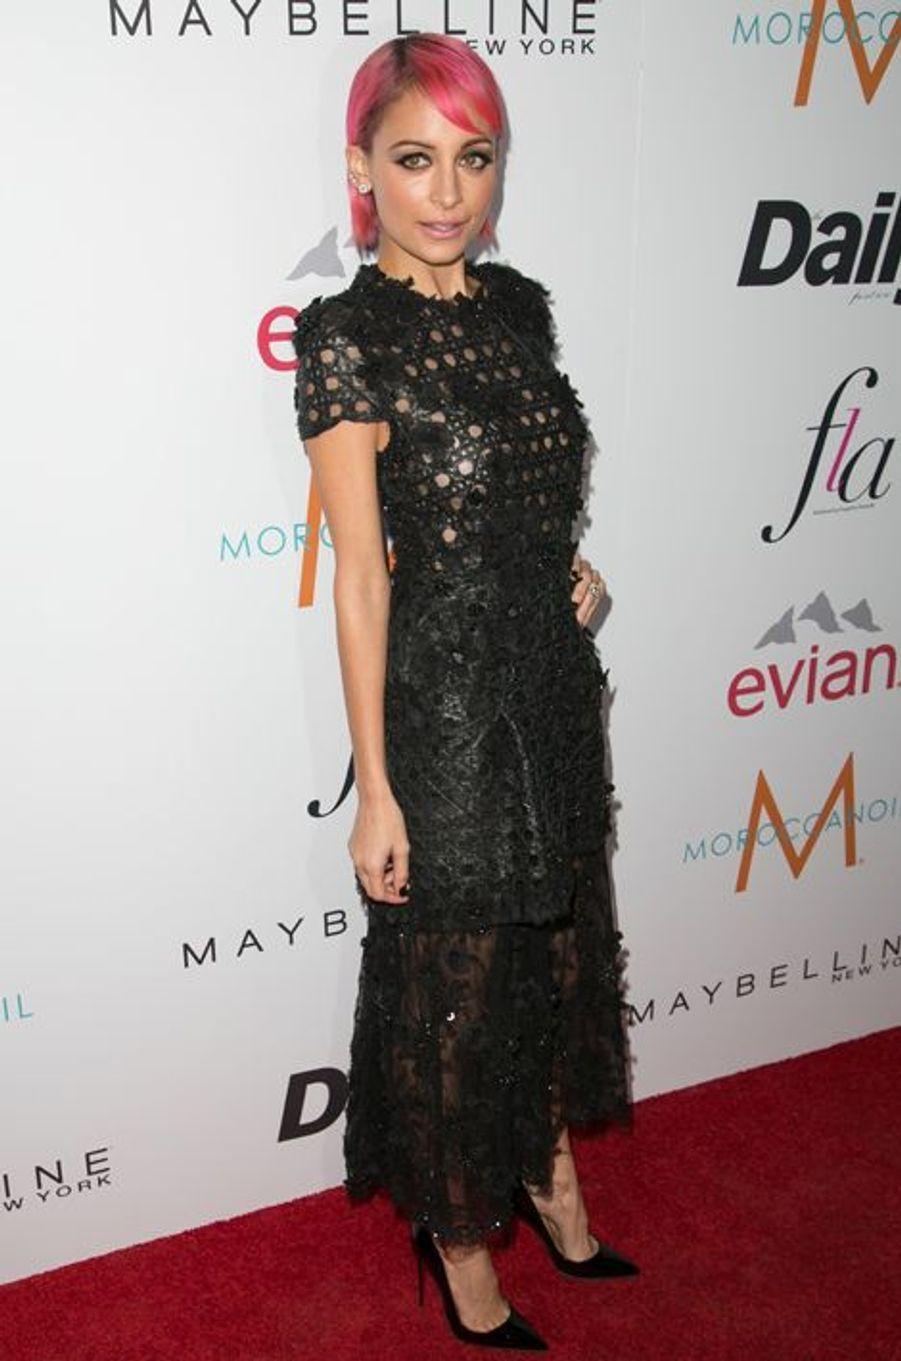 La styliste Nicole Richie aux Fashion Los Angeles Awards